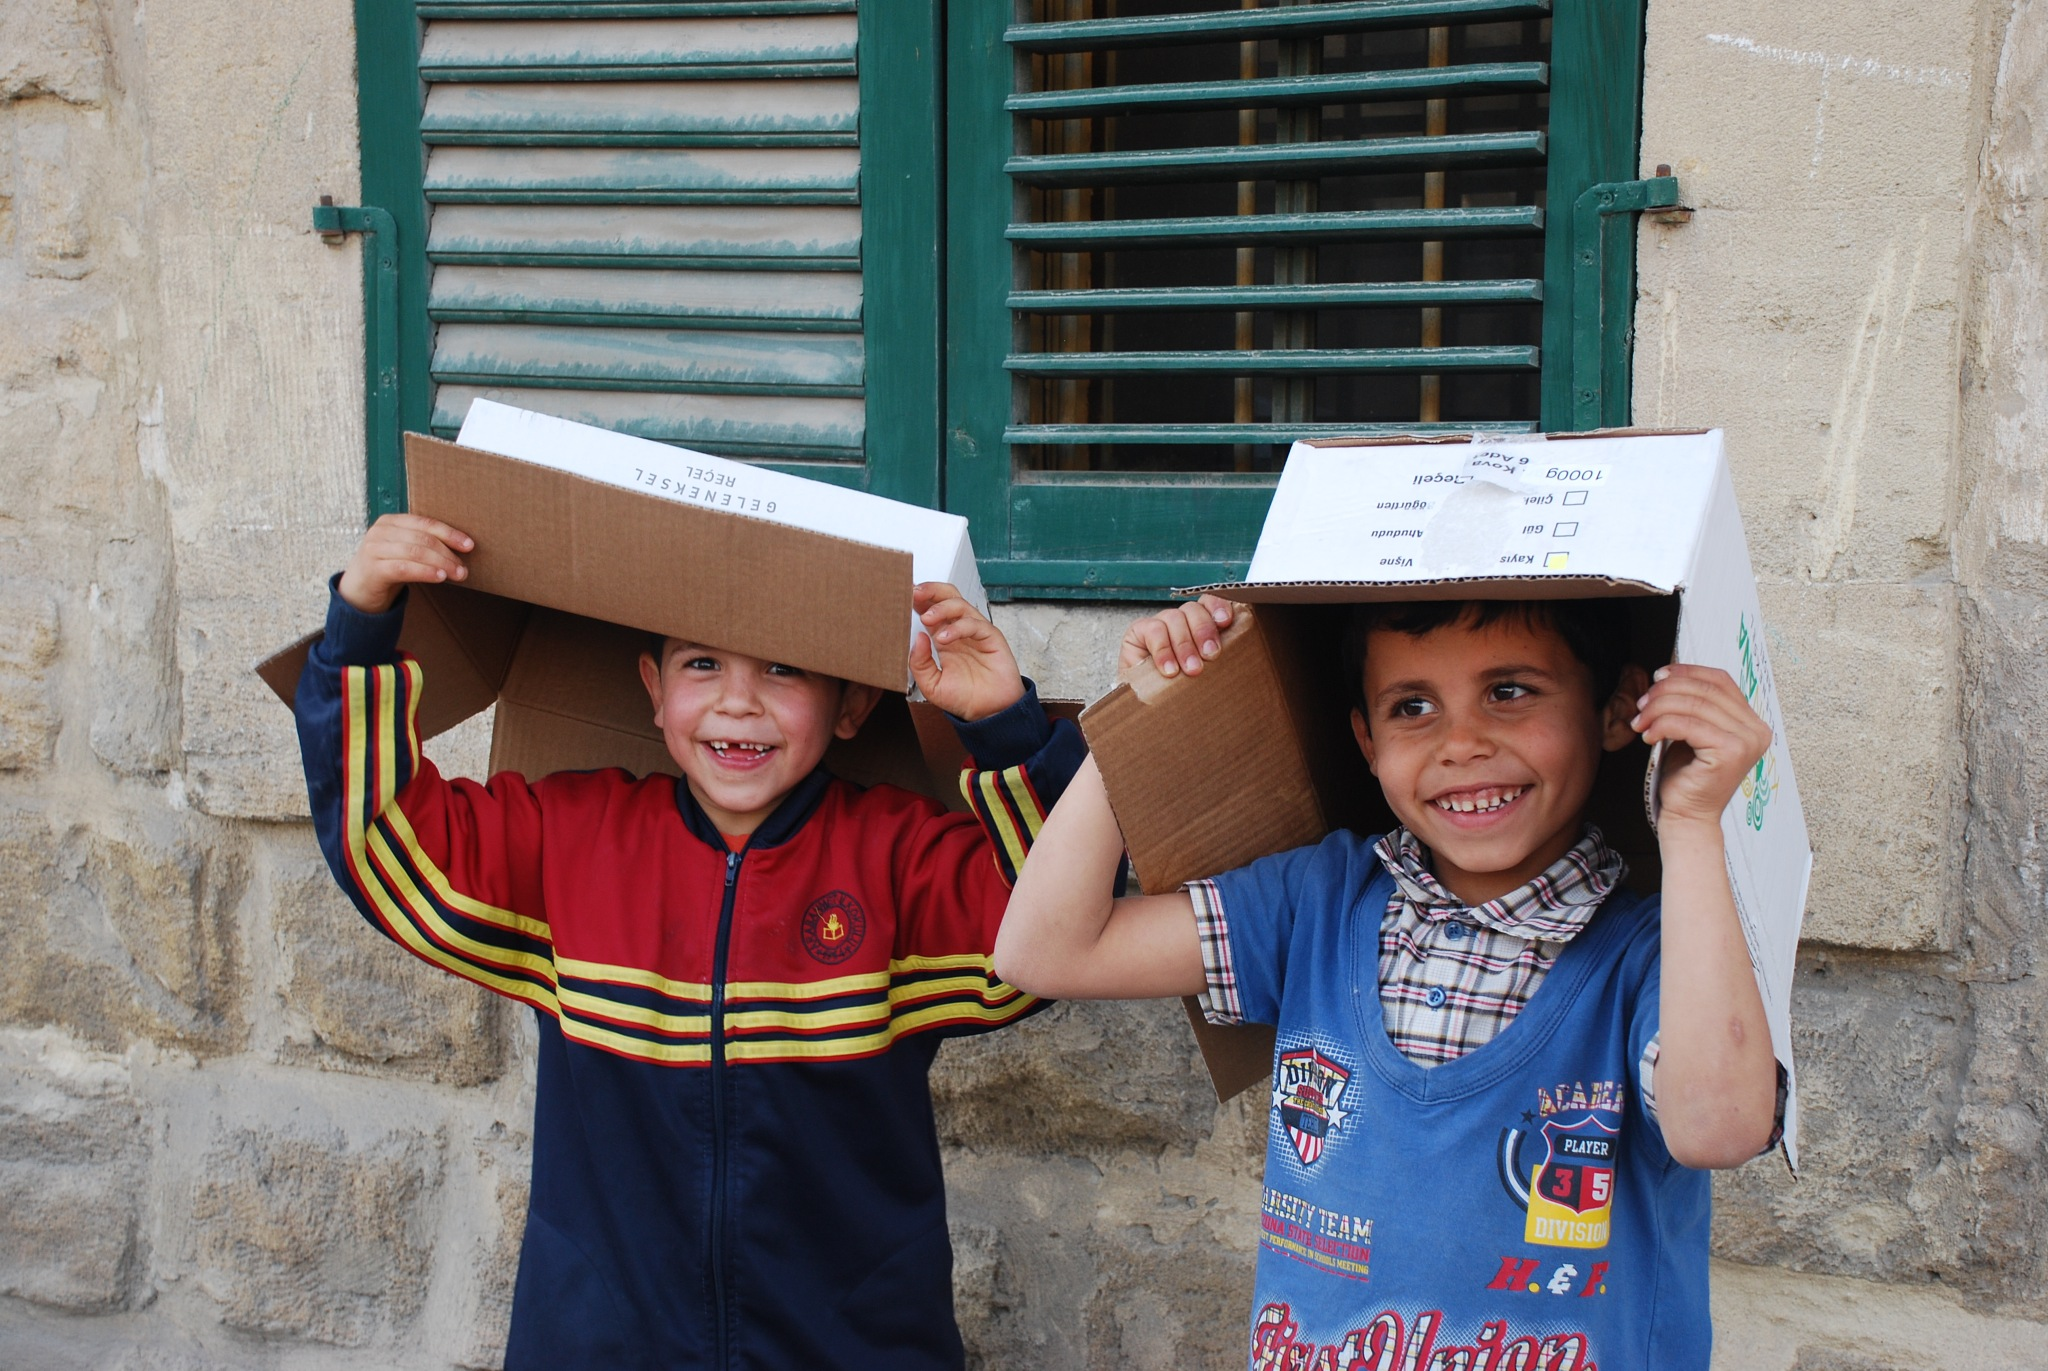 Çocuklar by syalcin1980